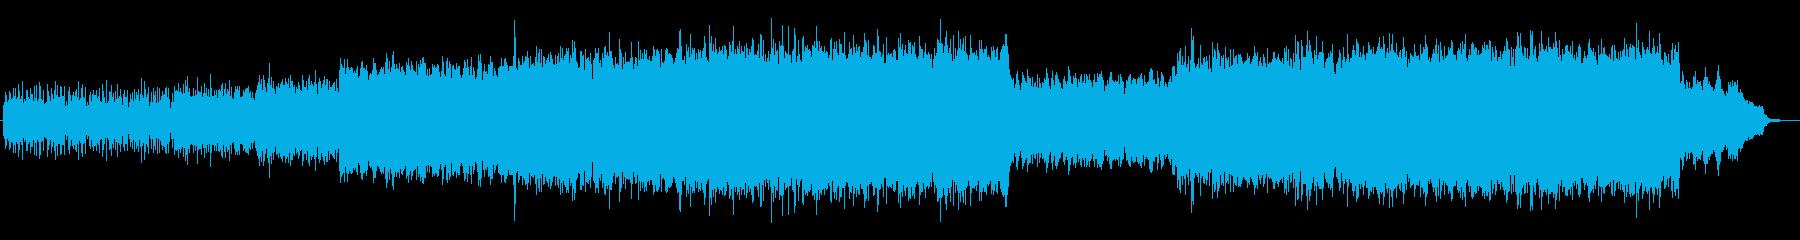 ドキドキ感のあるシンセサイザーサウンドの再生済みの波形